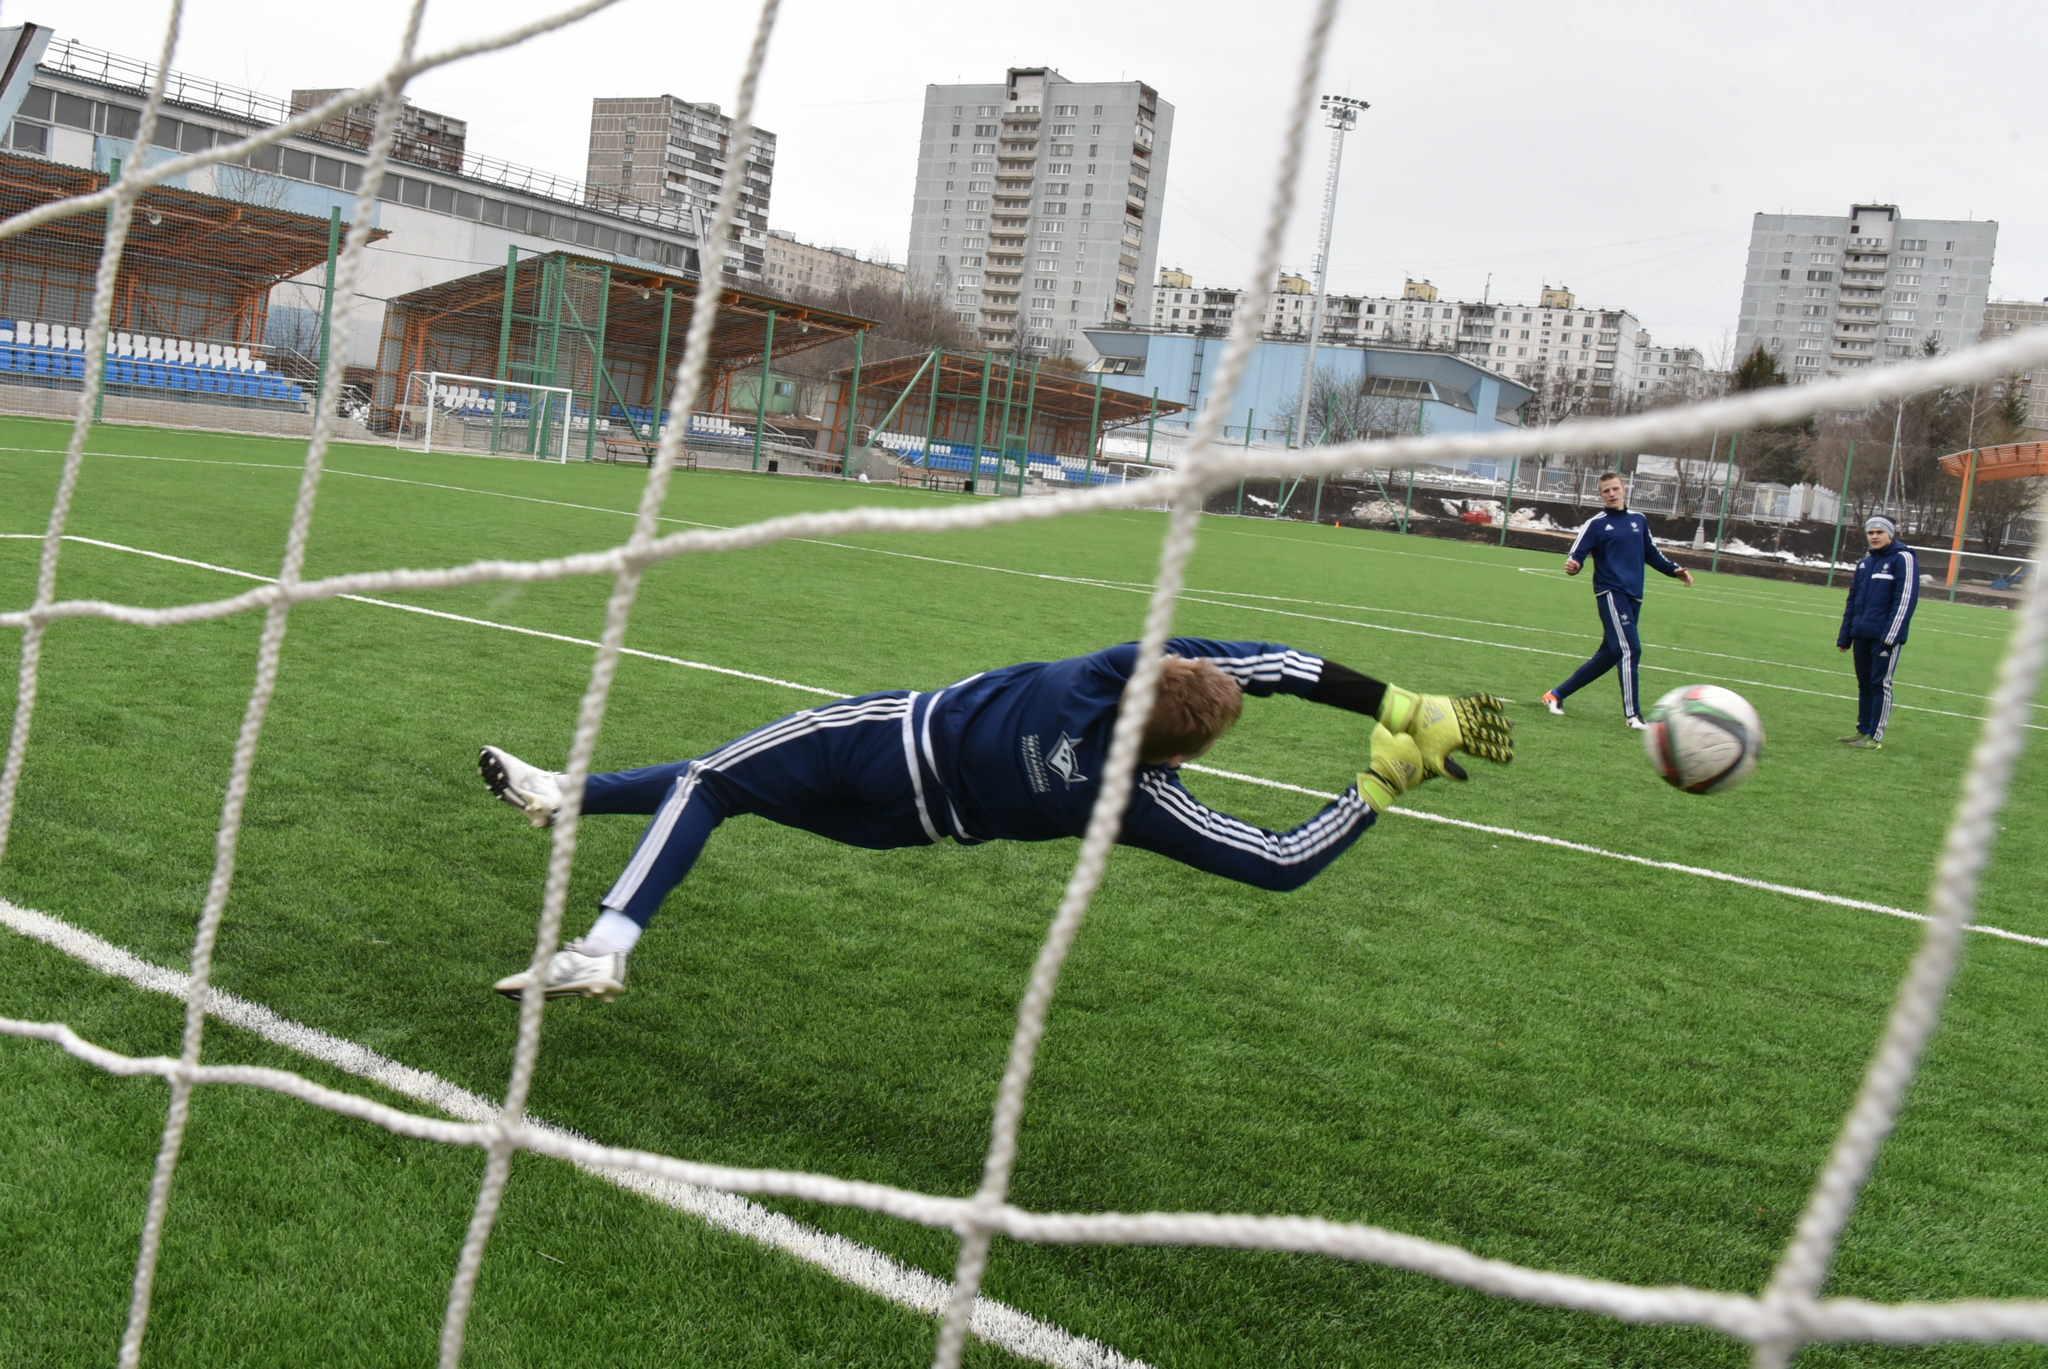 Футбольное поле появится в Новой Москве до 2020 года. Фото: Владимир Новиков, «Вечерняя Москва»